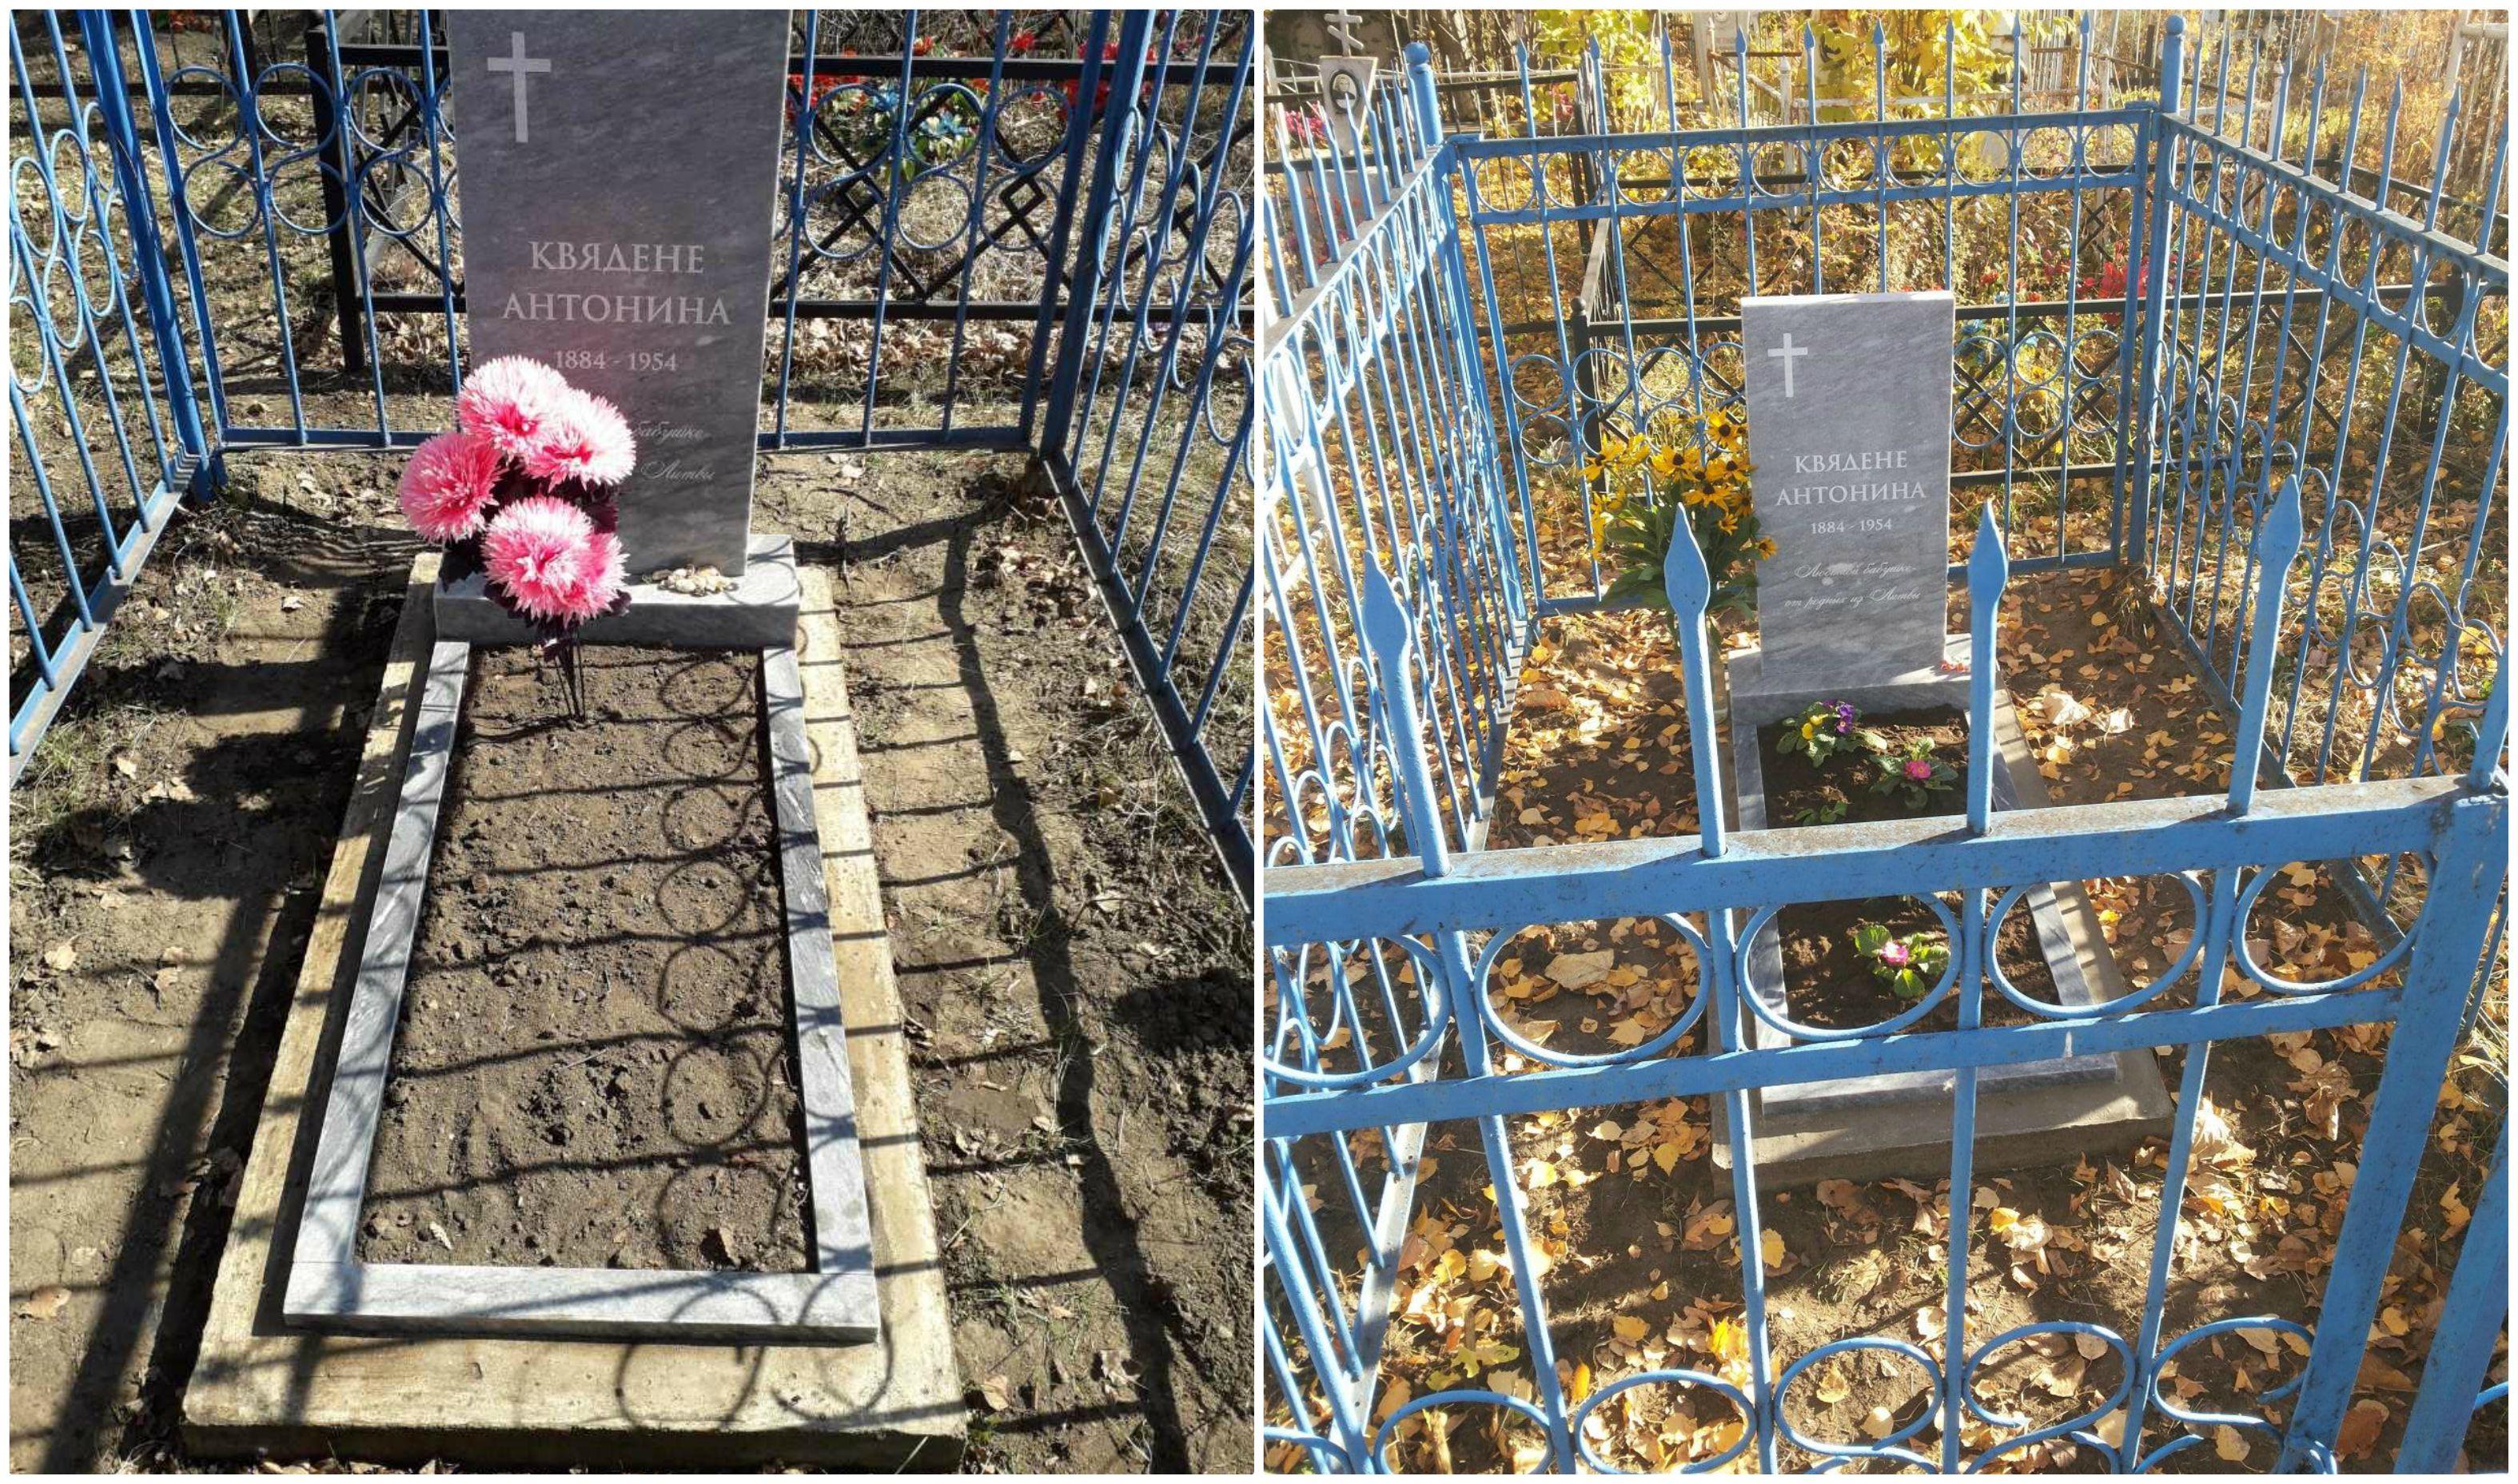 """Vainotiškietis Vidas Kvedys inicijavo močiutės Antaninos amžinojo poilsio vietos kapinaitėse Kindjakovo kaime Krasnojarsko srityje sutvarkymą ir naujo paminklo pastatymą. Paminklą papuošė penkių gyvų likusių anūkų palikta žinutė """"Mylimai senelei nuo artimųjų iš Lietuvos"""". Asmeninio archyvo nuotr."""